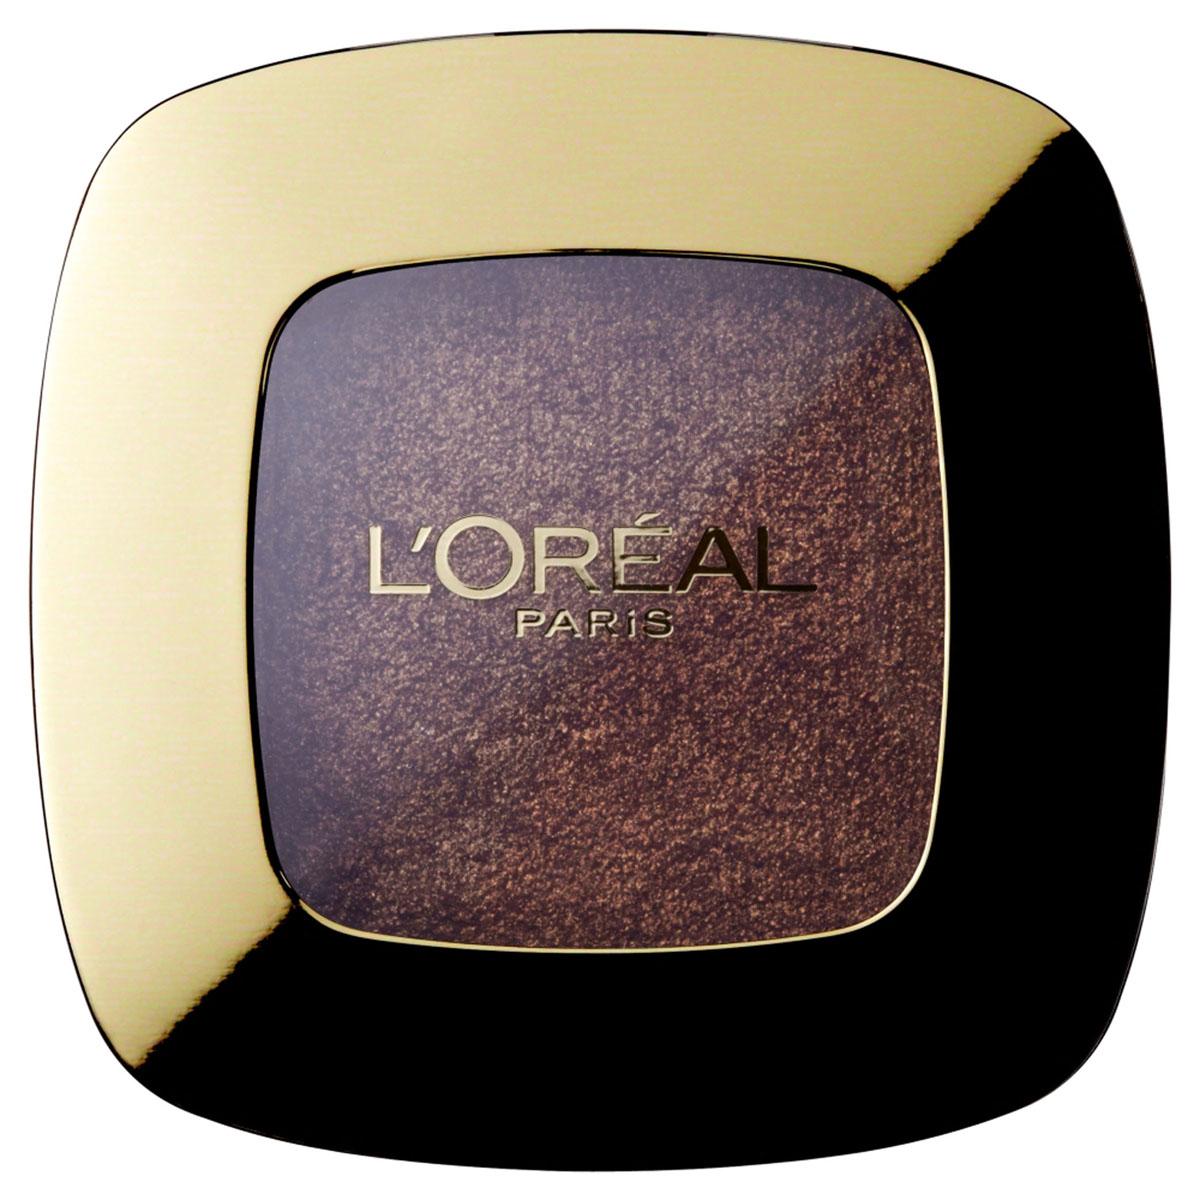 LOreal Paris Тени для век Color Riche моно, оттенок 302, Smoky, смоки, стойкие, 3,6 млA7702200Однотонные тени Color Riche LOmbre Pure - новый тренд в макияже глаз. Уникальная гелевая технология делает цвет ярким, насыщенным и стойким. Пудра с чистейшими пигментами создает 4 цветовые семьи: плотные матовые, трепетные нюдовые, дымчатые смоки и сочные поп оттенки. Технология Призма-Шайн класса люкс создает пятую семью: многогранные светоотражающие оттенки с высокой концентрацией перламутровых частиц. Невероятный результат: непревзойденный цвет и сияние, гладкое, бархатное ровное покрытие, стойкость.